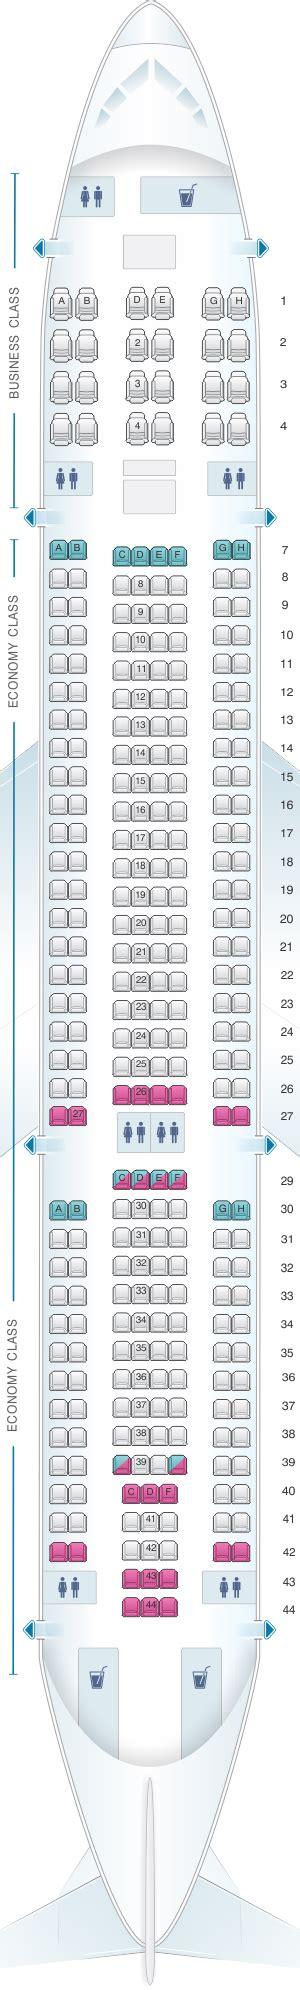 plan siege air plan de cabine air europa airbus a330 200 seatmaestro fr